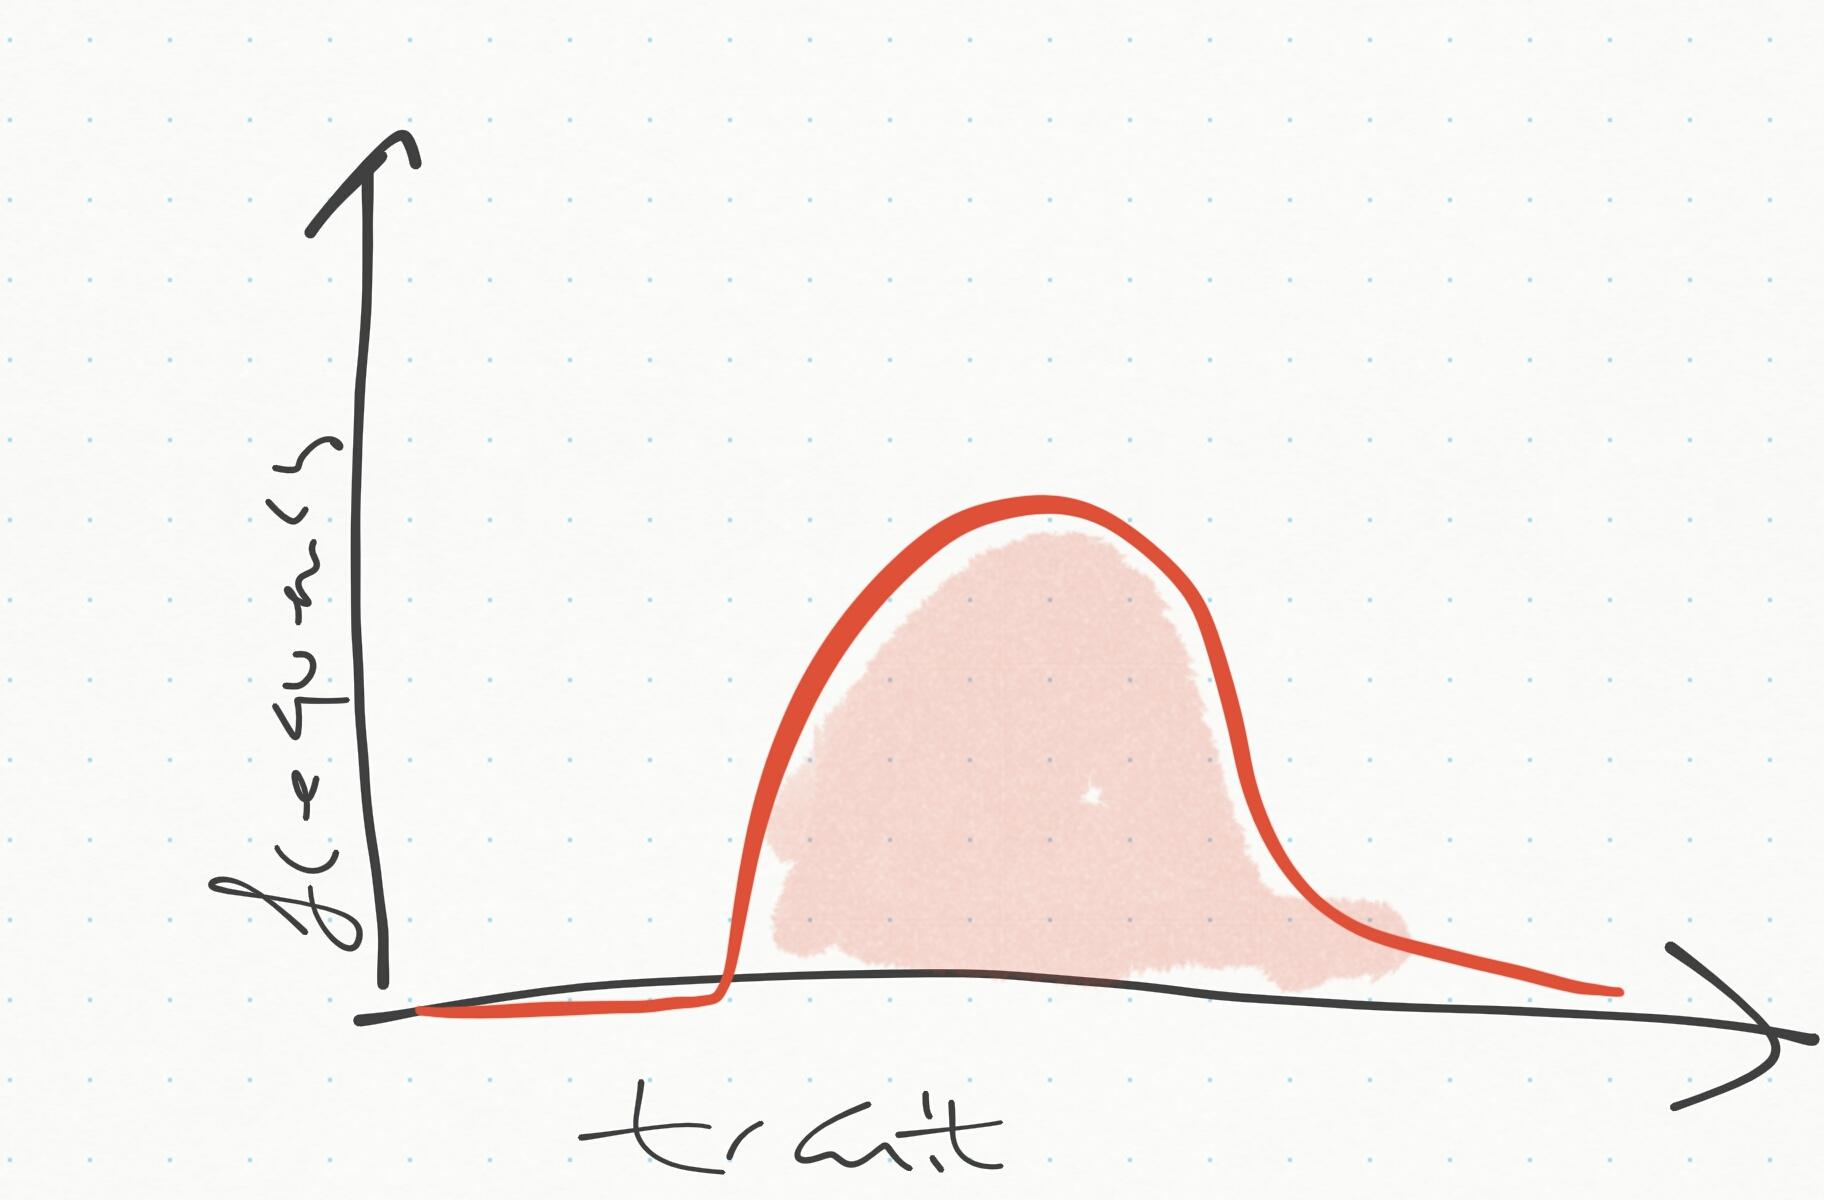 Trait distribution